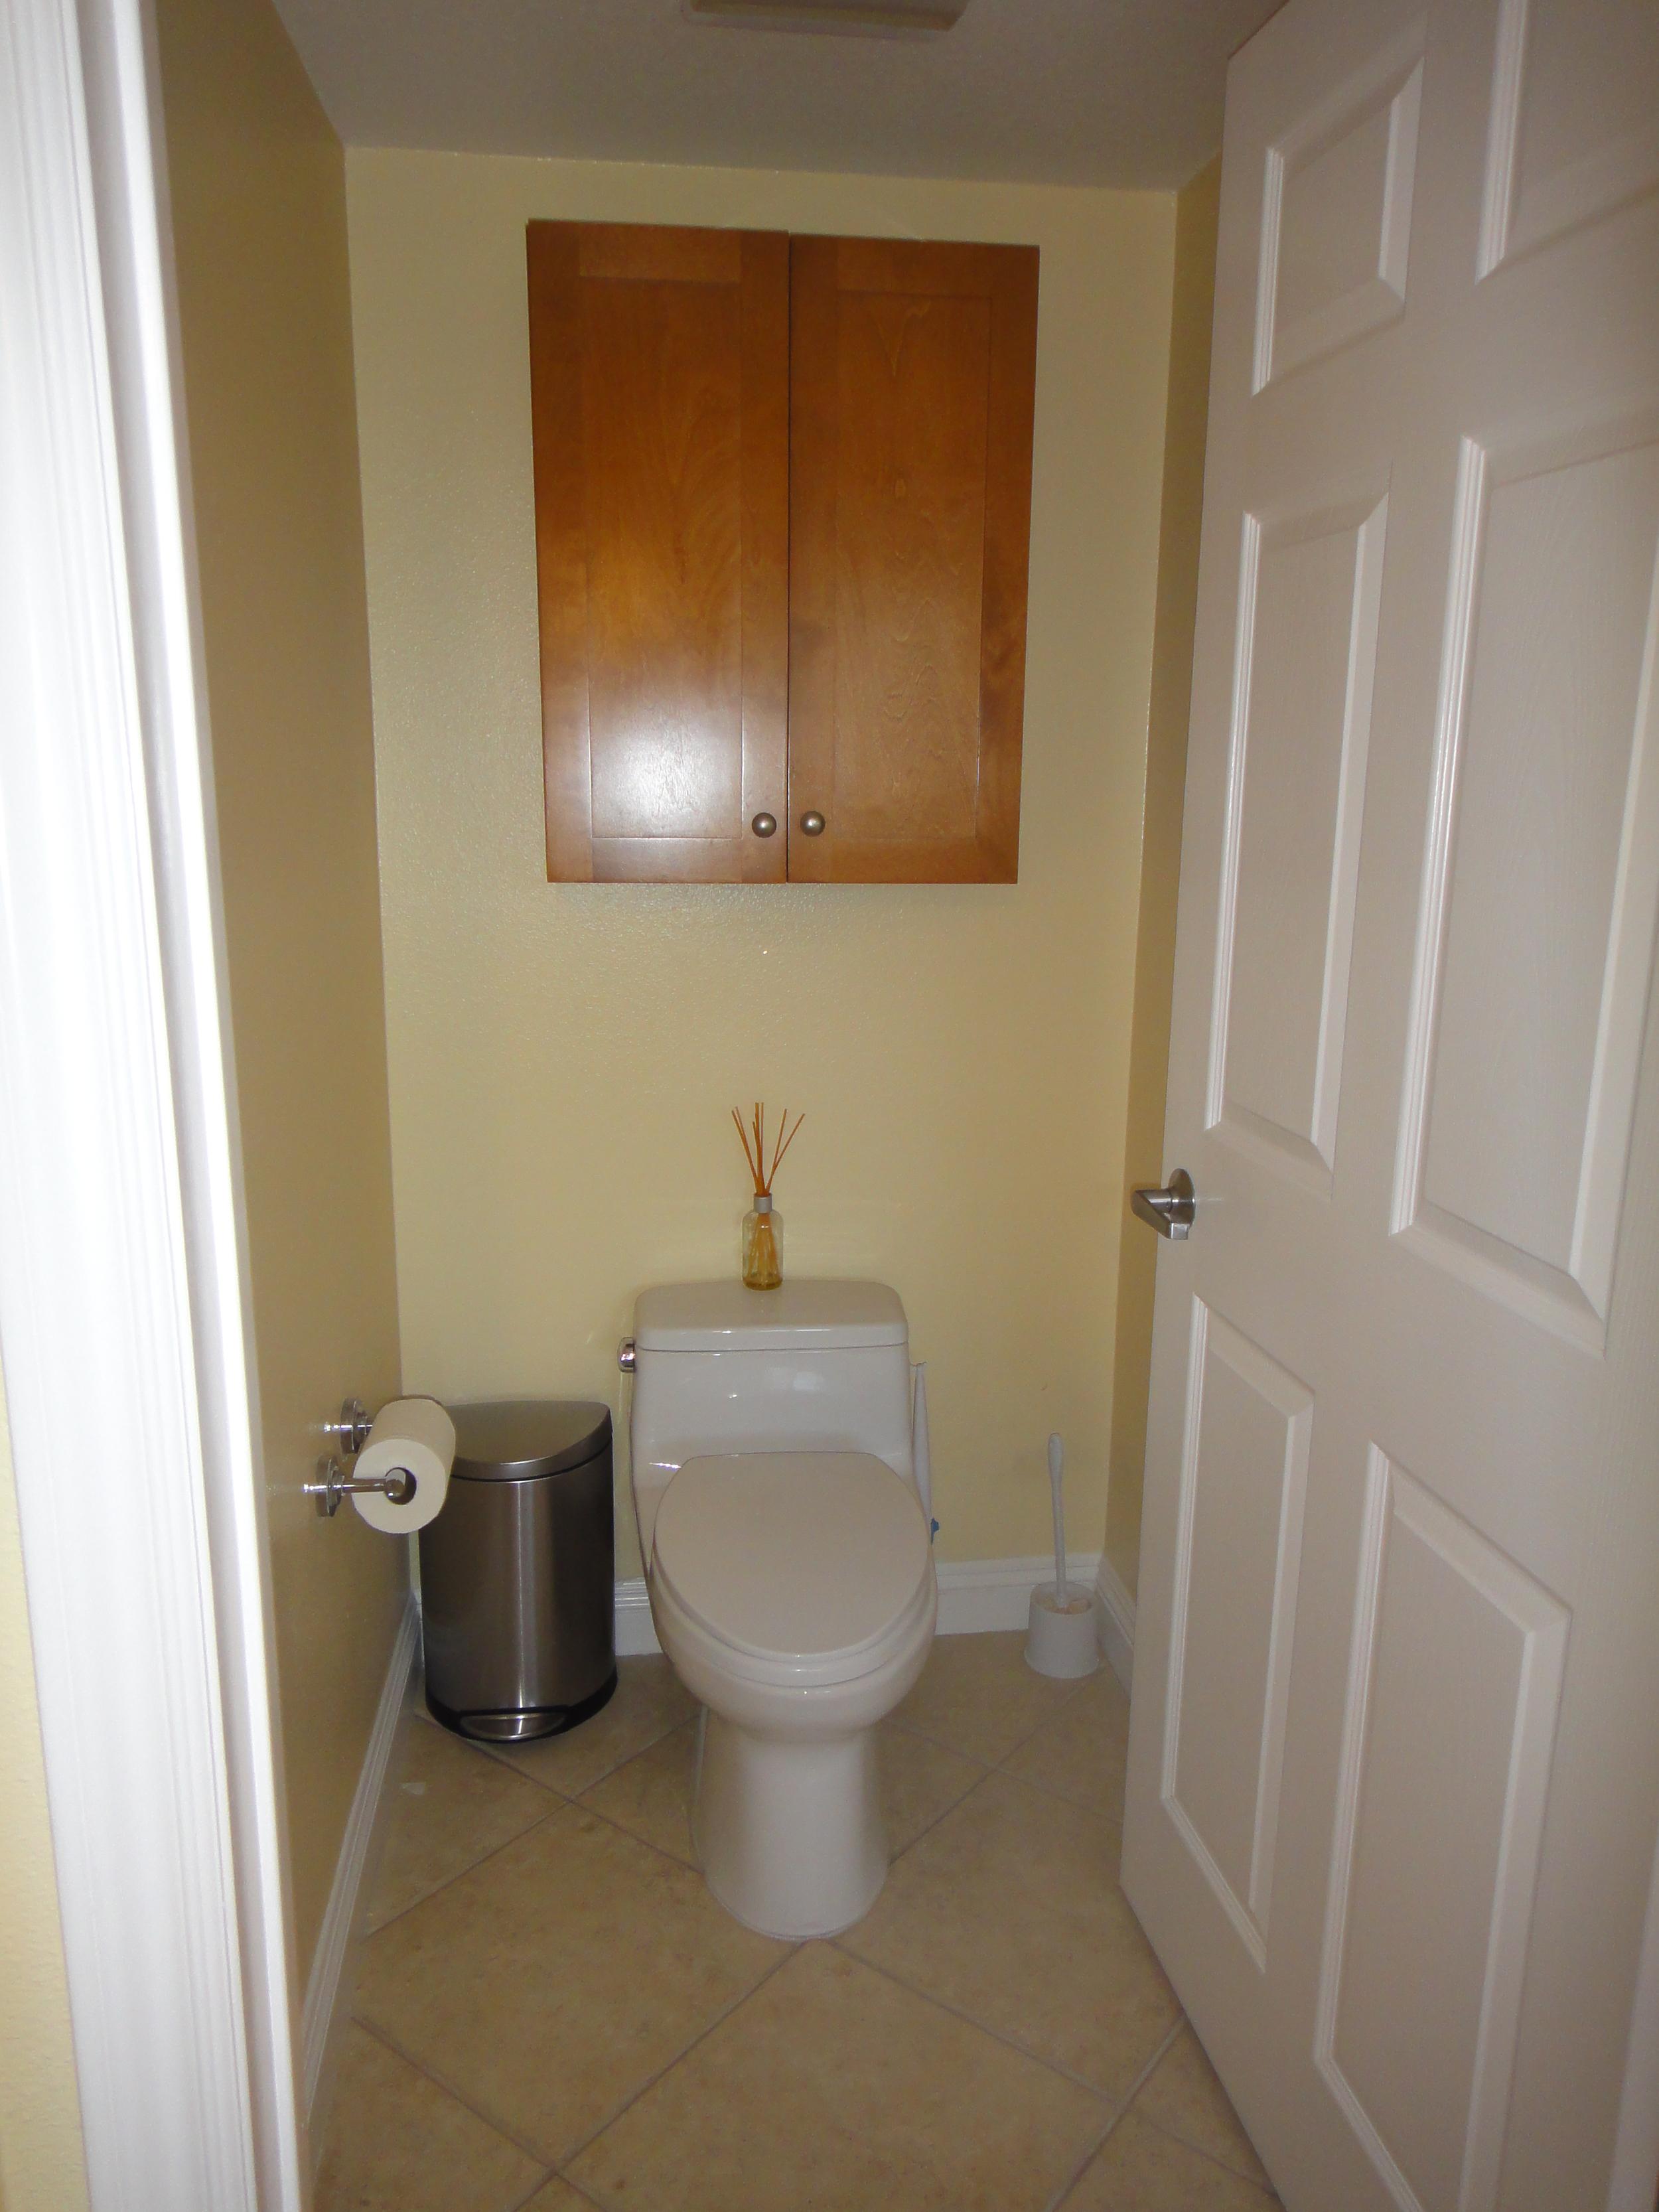 toilet stall - 1.JPG